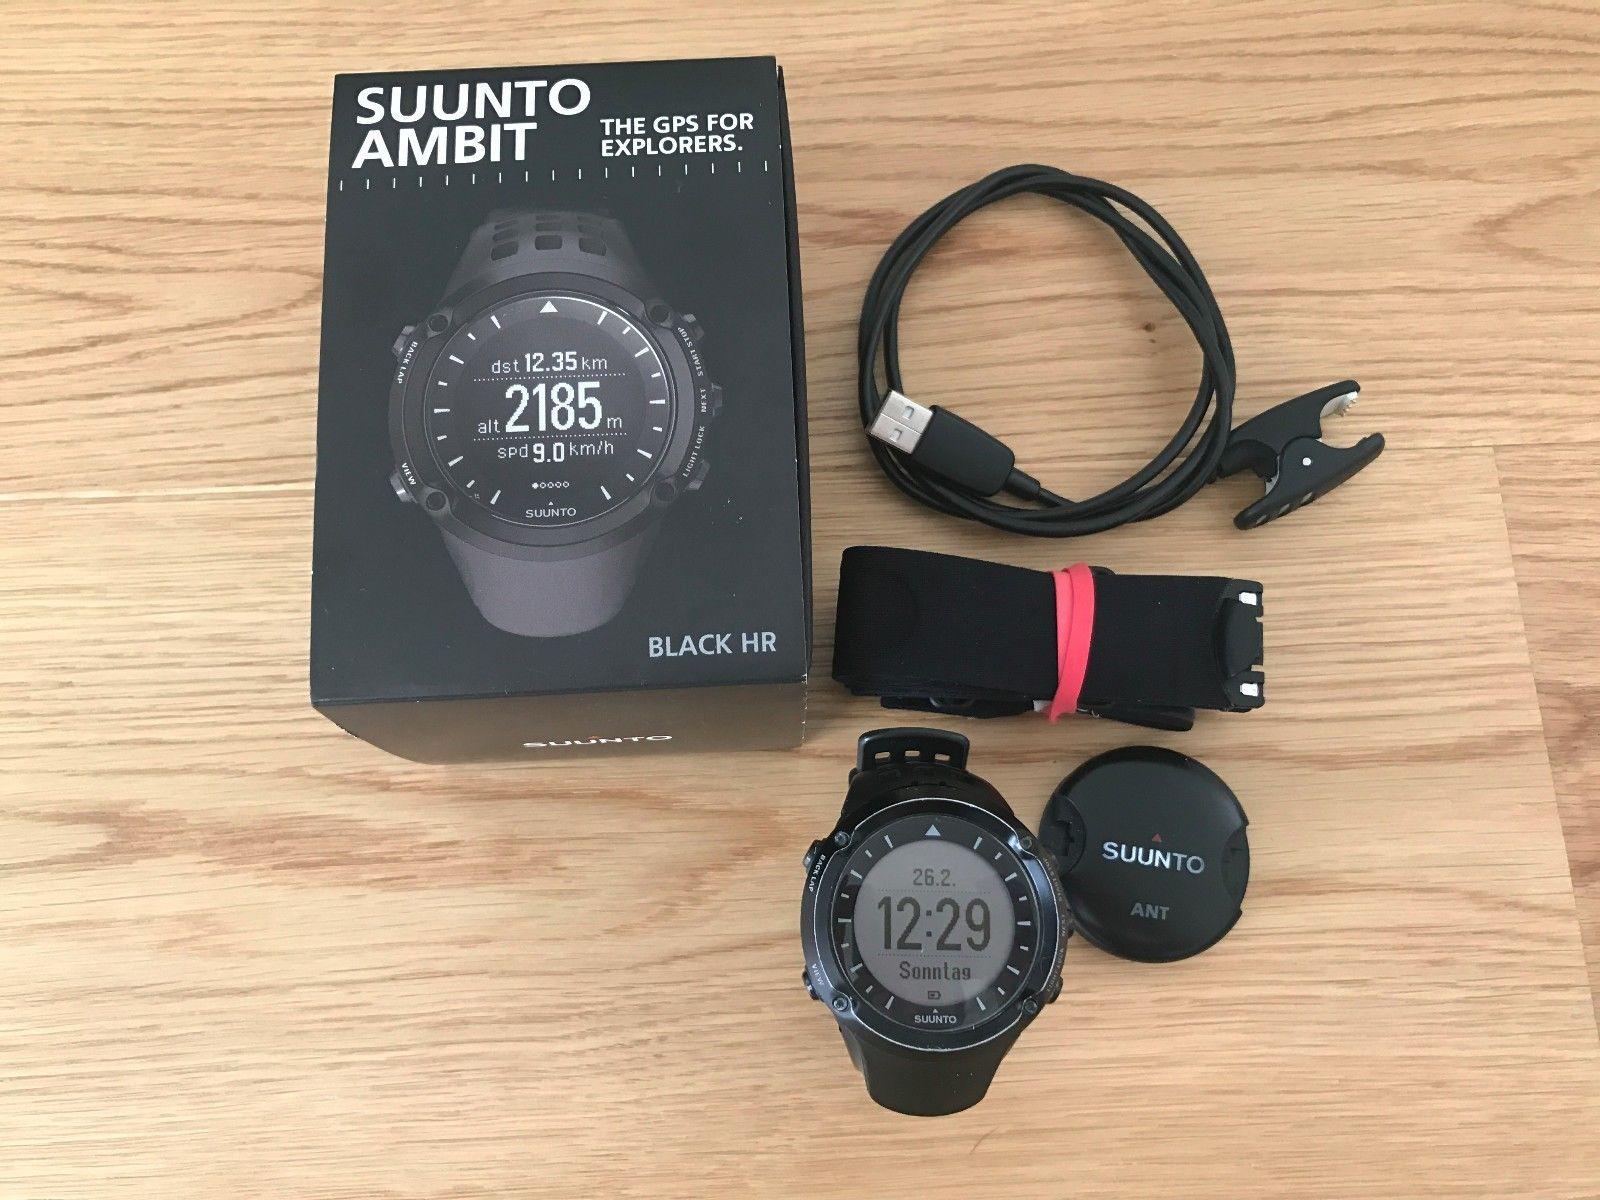 Suunto Ambit Black HR, GPS / Outdoor Uhr mit Pulsmesser, guter Zustand!